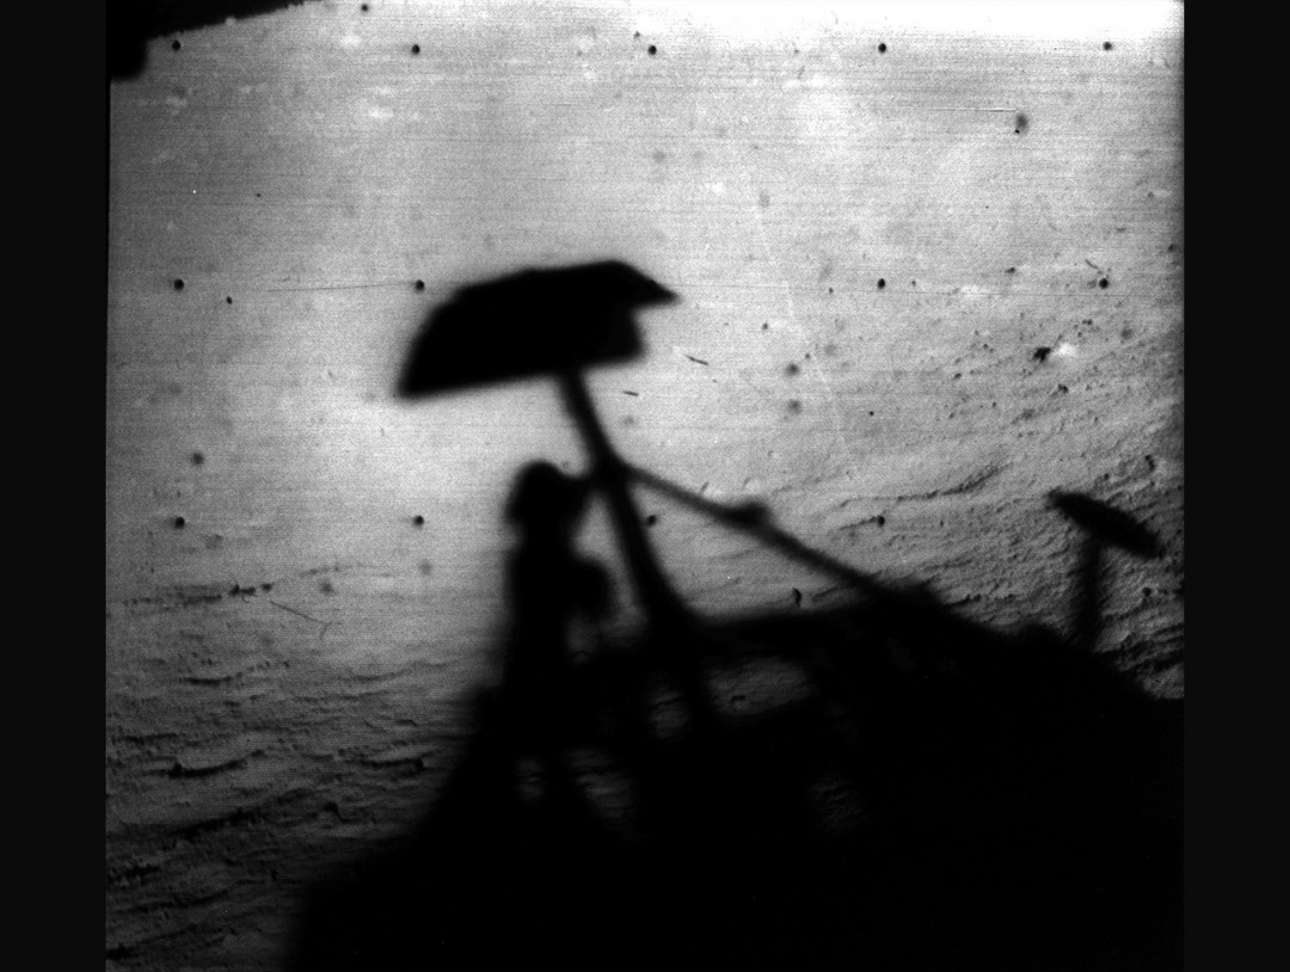 Η σκιά του Surveyor 1 της NASA πάνω στην επιφάνεια της Σελήνης. Το Surveyor 1 ήταν η πρώτη από τις αποστολές του Surveyor που έκανε μια επιτυχημένη μαλακή προσγείωση και απέδειξε την ορθότητα του σχεδιασμού και της τεχνικής προσγείωσης του διαστημικού οχήματος. Το Surveyor 1 εκτοξεύθηκε στις 30 Μαΐου 1966 και προσγειώθηκε στις 2 Ιουνίου 1966 και πέρα από τη μετάδοση 11.000 εικόνων, έστειλε επίσης πληροφορίες σχετικά με την αντοχή του σεληνιακού εδάφους, την ανακλαστικότητα του ραντάρ και τη θερμοκρασία